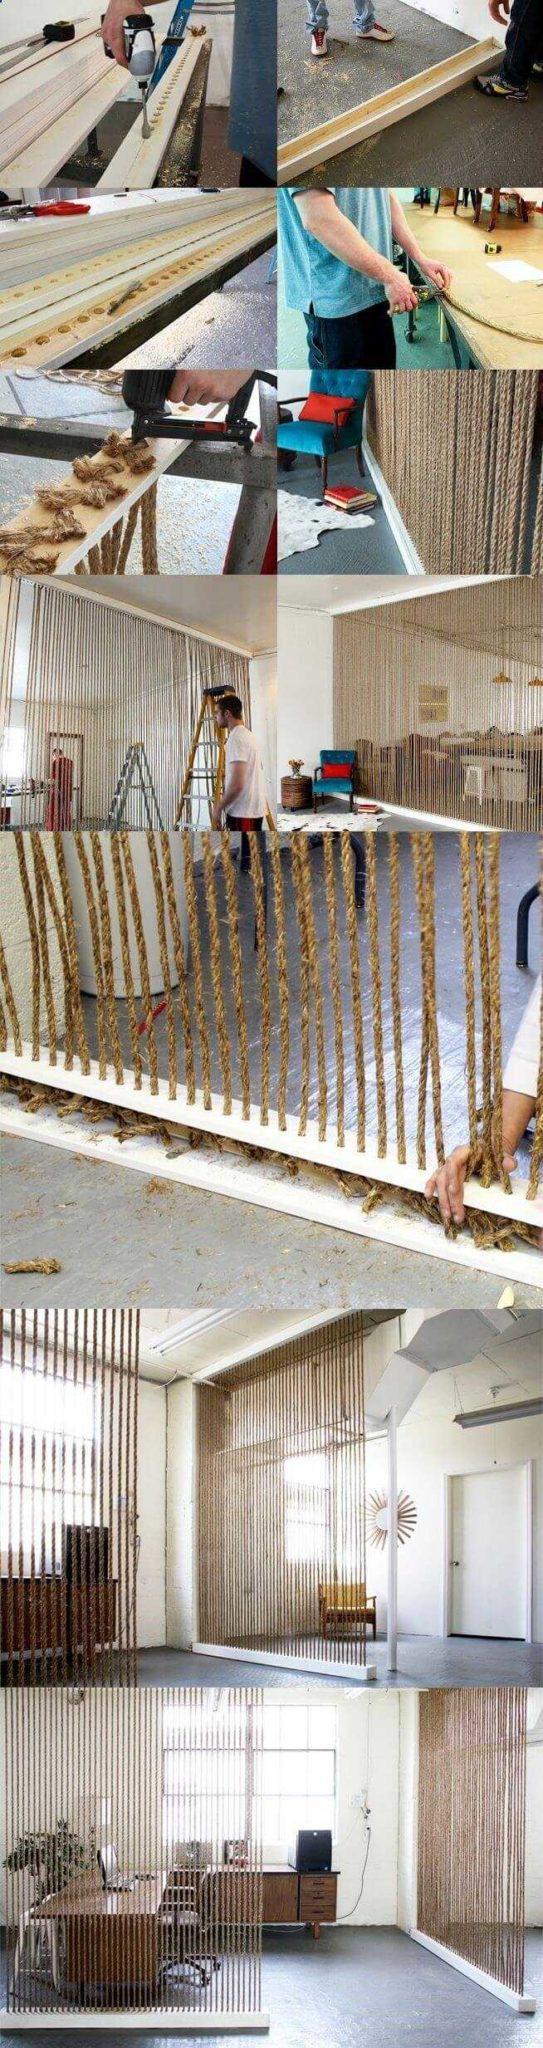 Творческие проекты из веревки сделанные своими руками 7 | Дока-Мастер